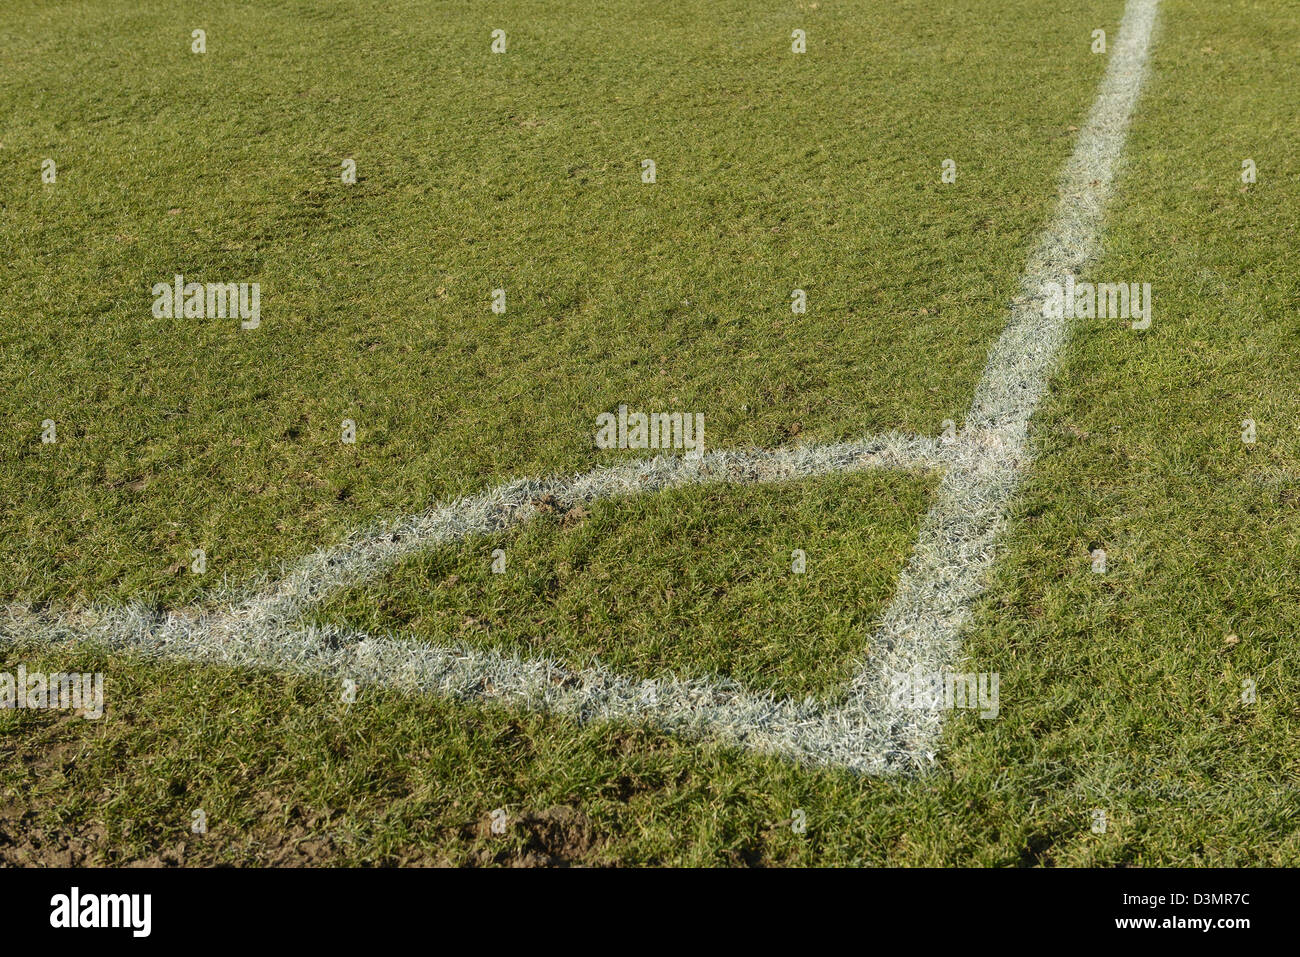 Fußball Platz Ecke Kennzeichnung Stockfoto